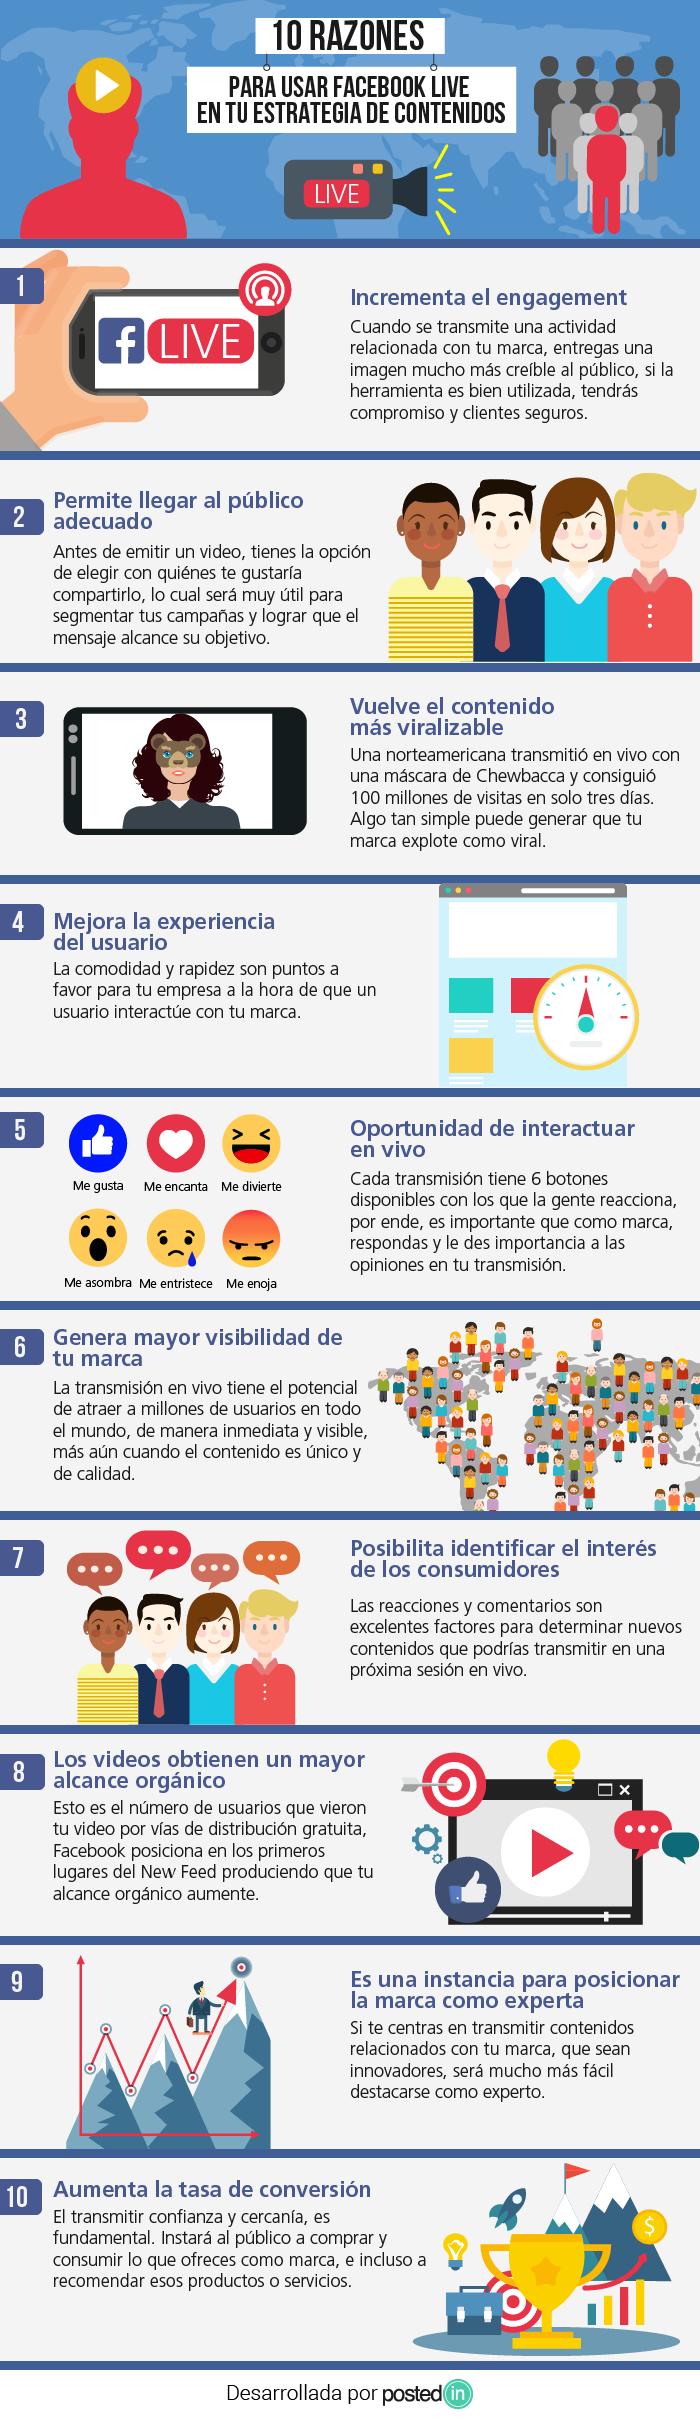 10 razones para usar Facebook Live en tu estrategia de contenidos